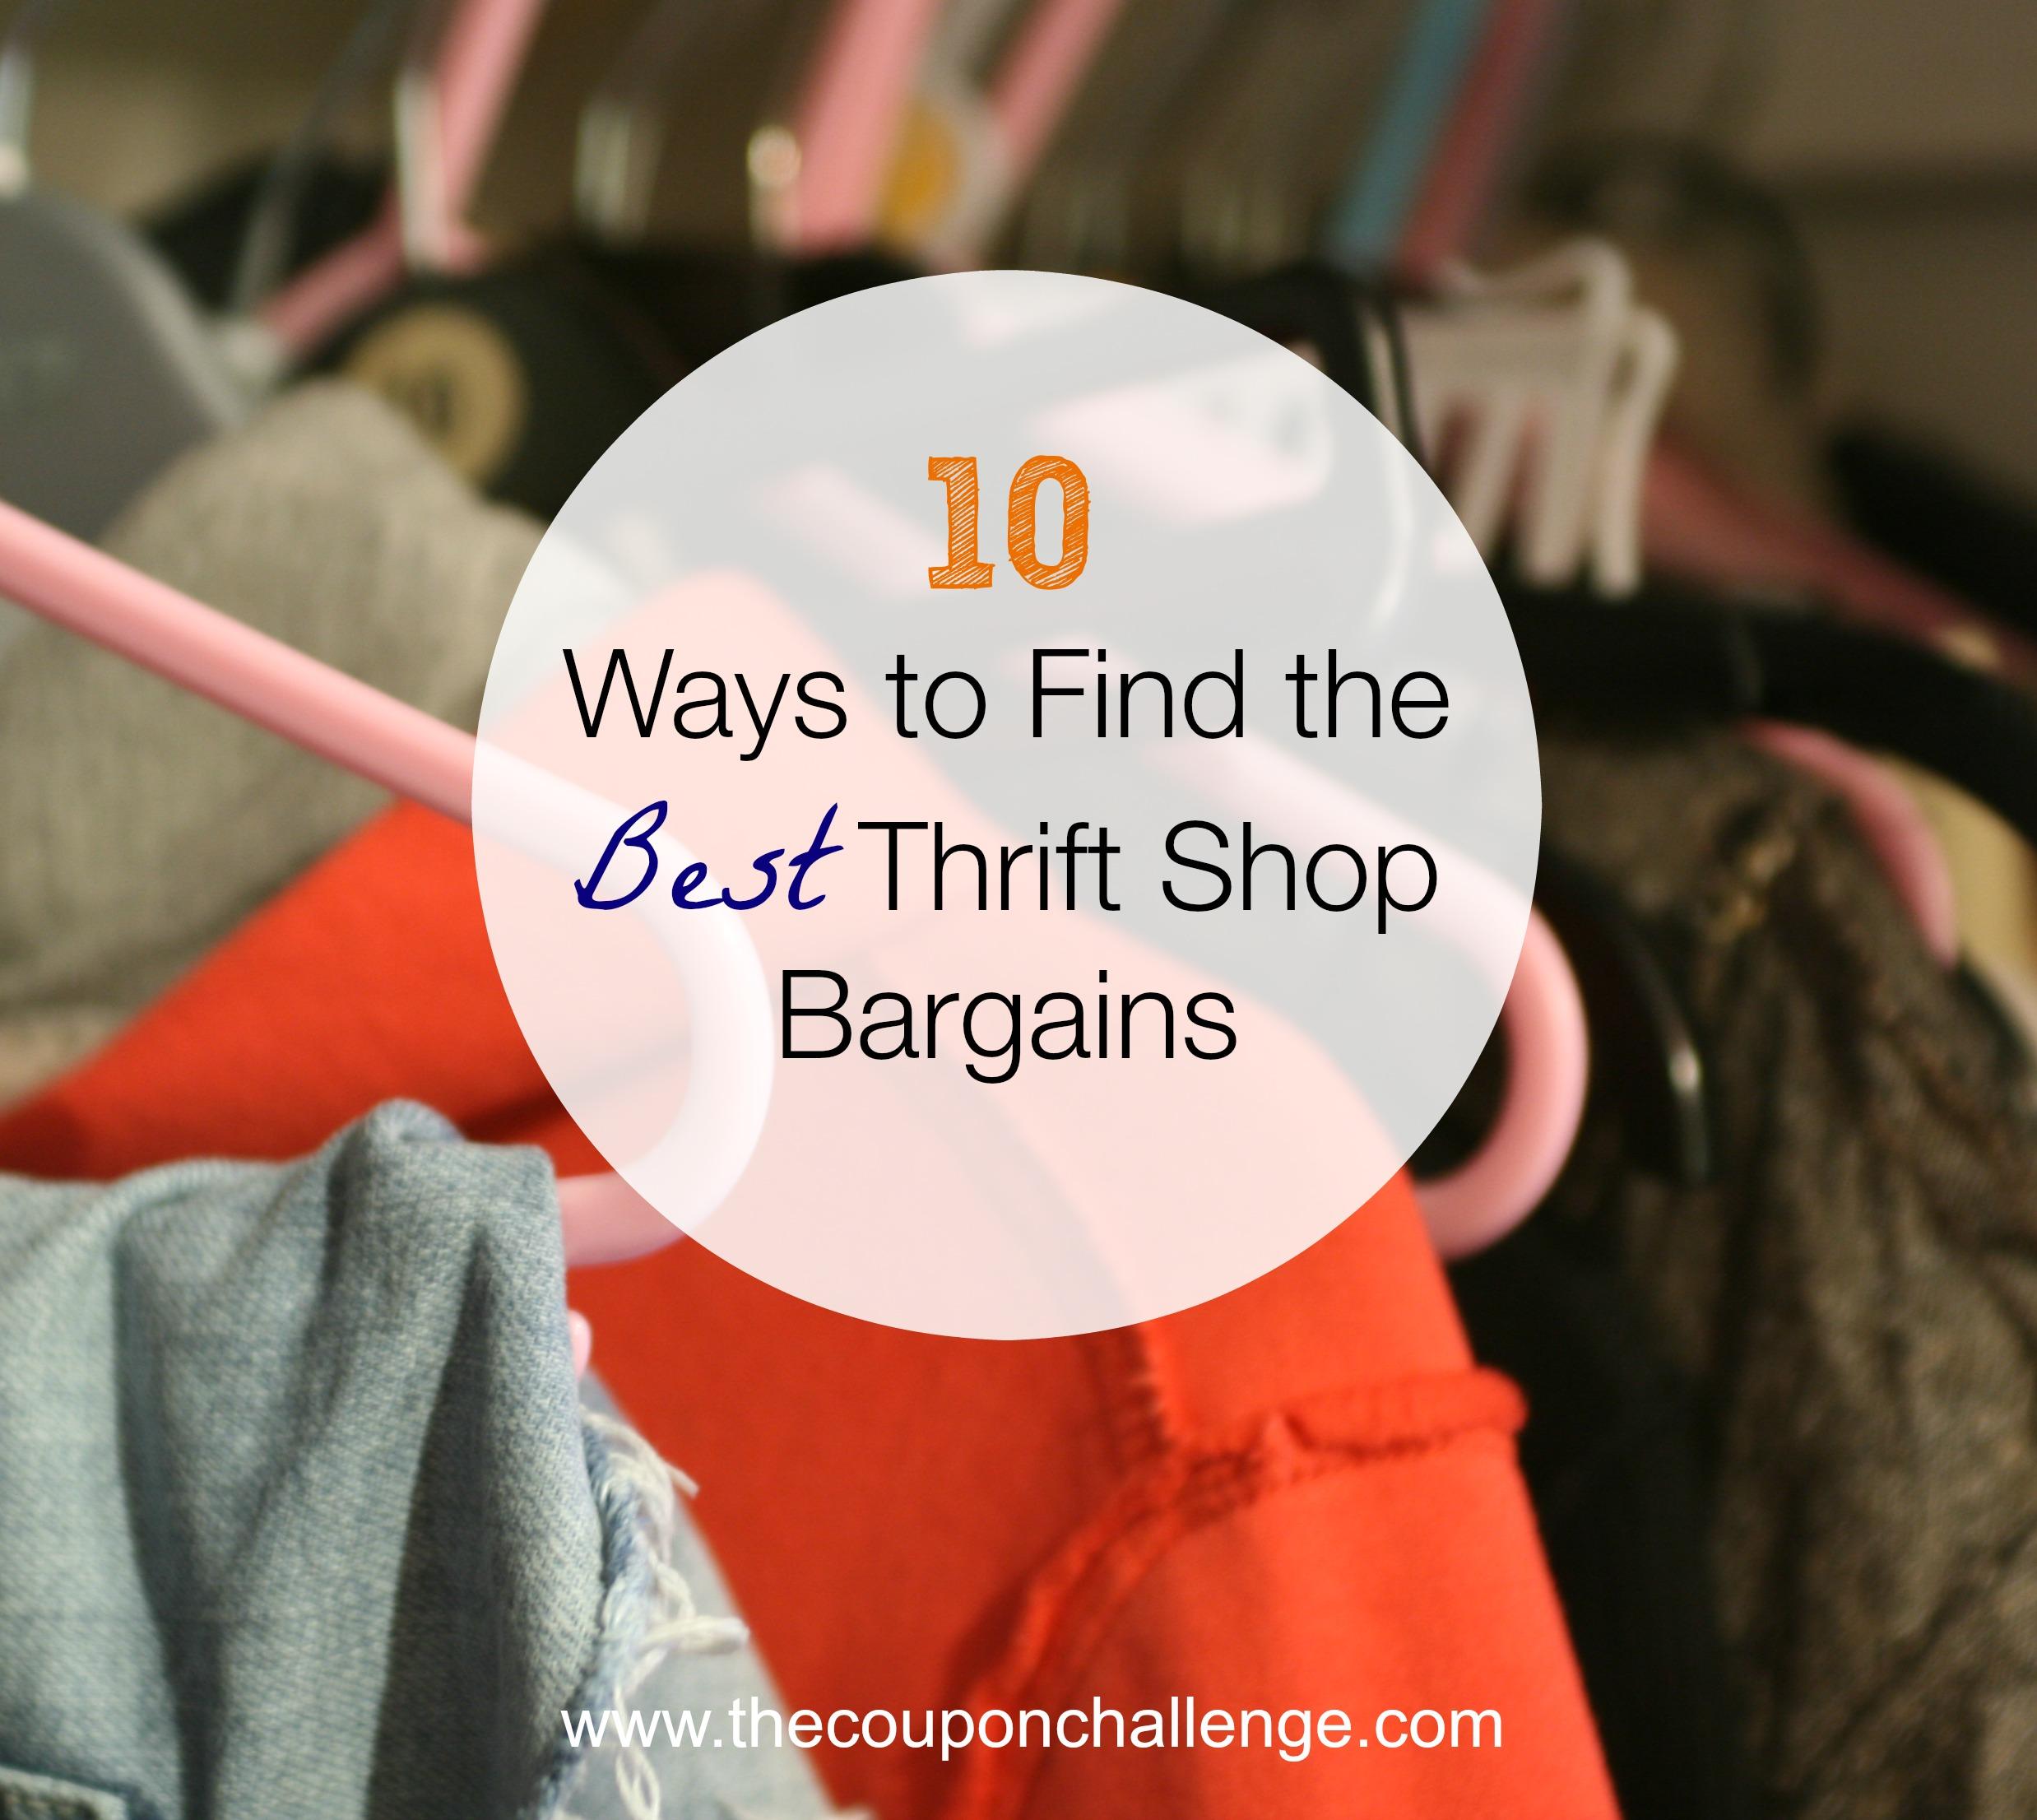 10 Ways to Find the Best Thrift Shop Bargains